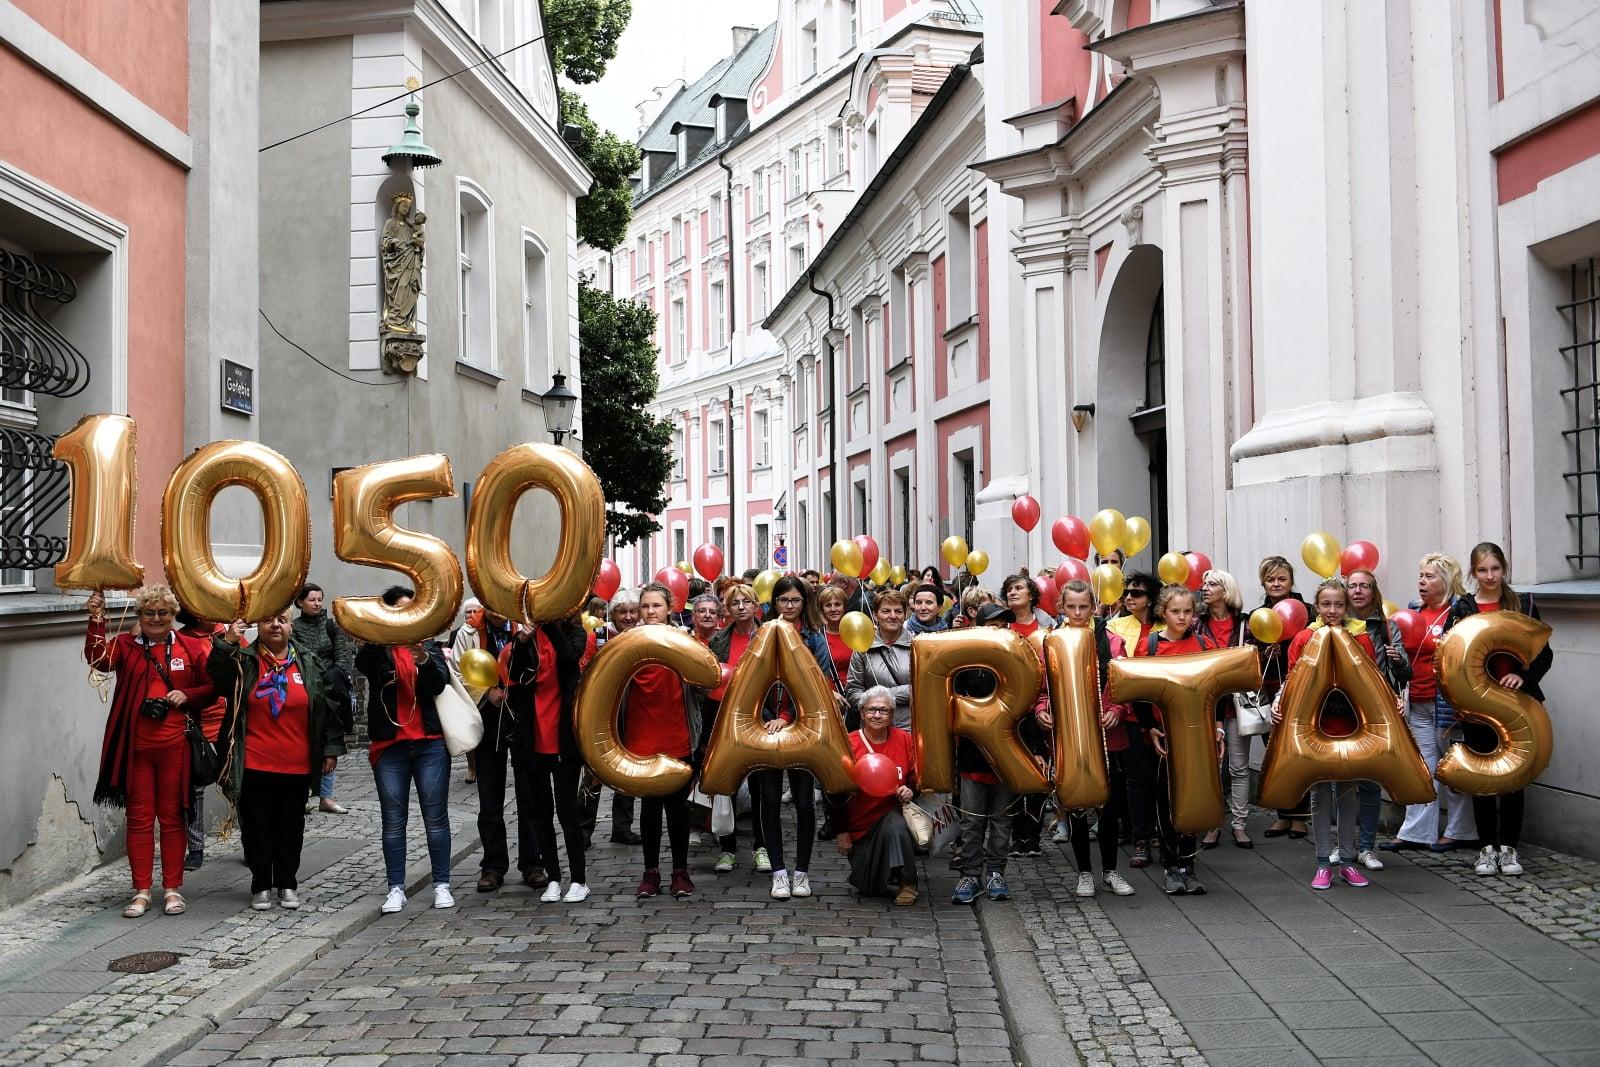 1050-lecie biskupstwa w Poznaniu PAP/Jakub Kaczmarczyk